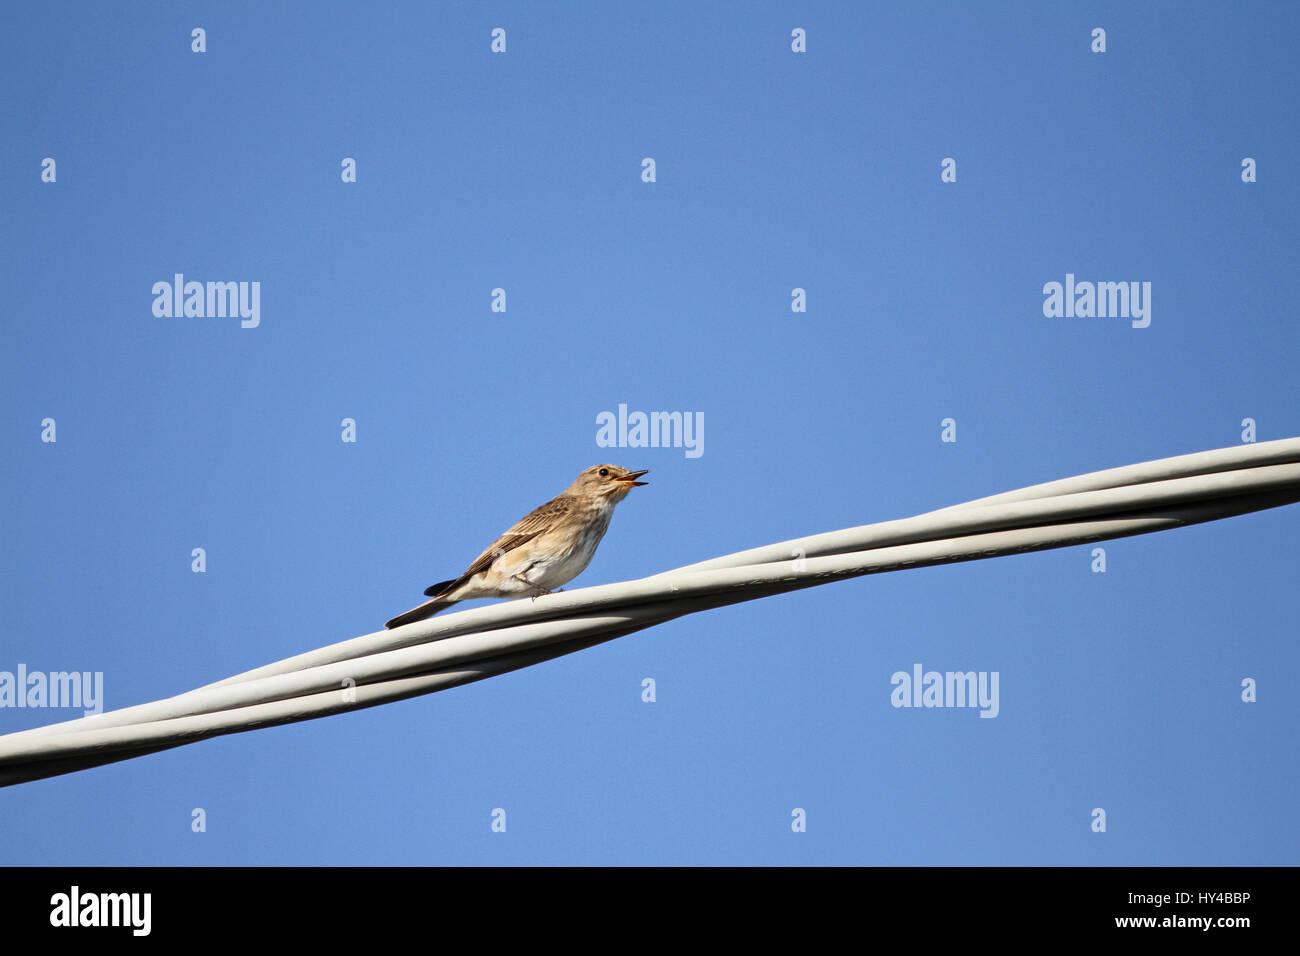 Grauschnäpper weiblich schließen lateinischen Namen Muscicapa ...